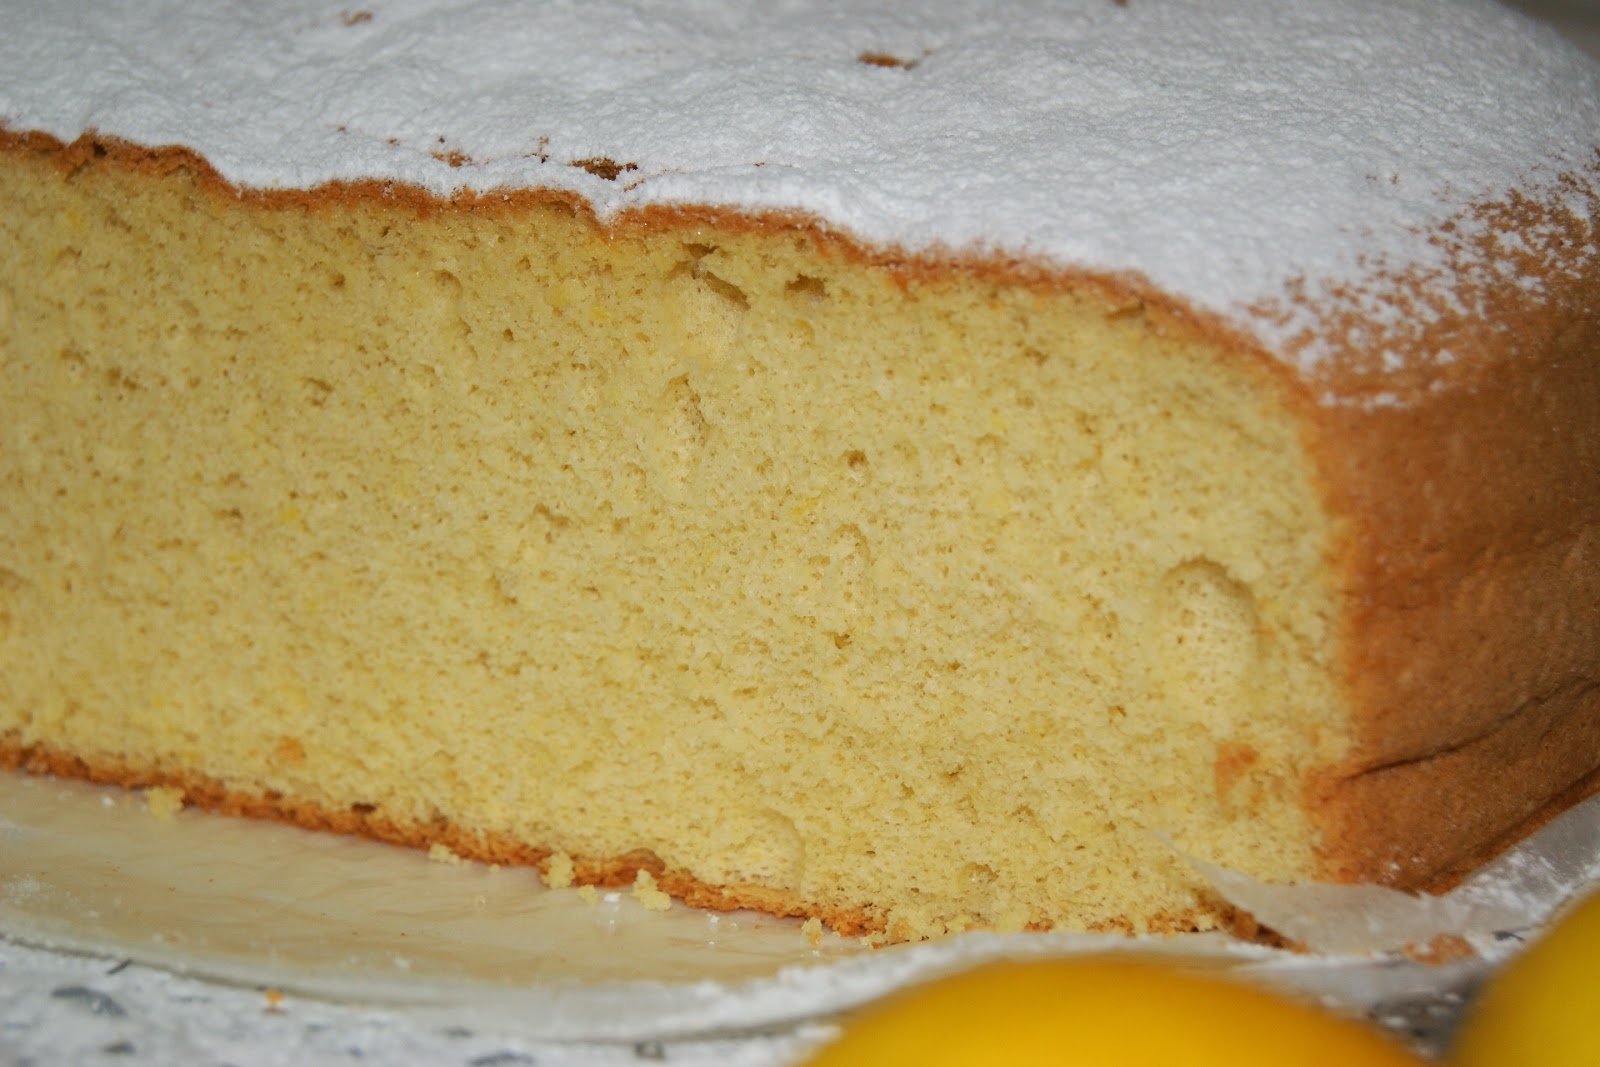 Anna recetas f ciles bizcocho cl sico muy esponjoso for Bizcocho limon esponjoso